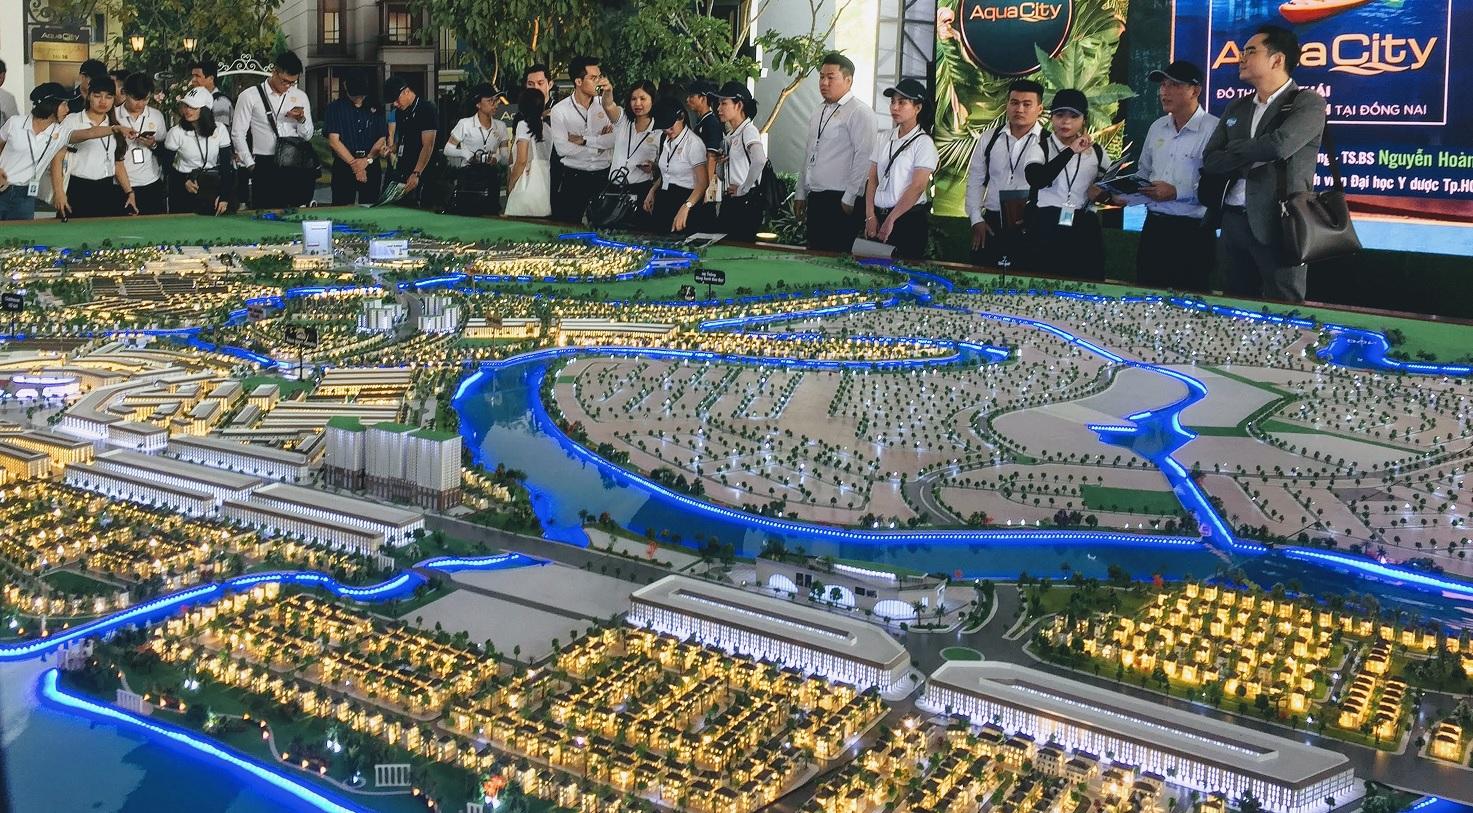 Nhiều người đứng xem sa bàn một dự án đô thị lớn của doanh nghiệp bất động sản.